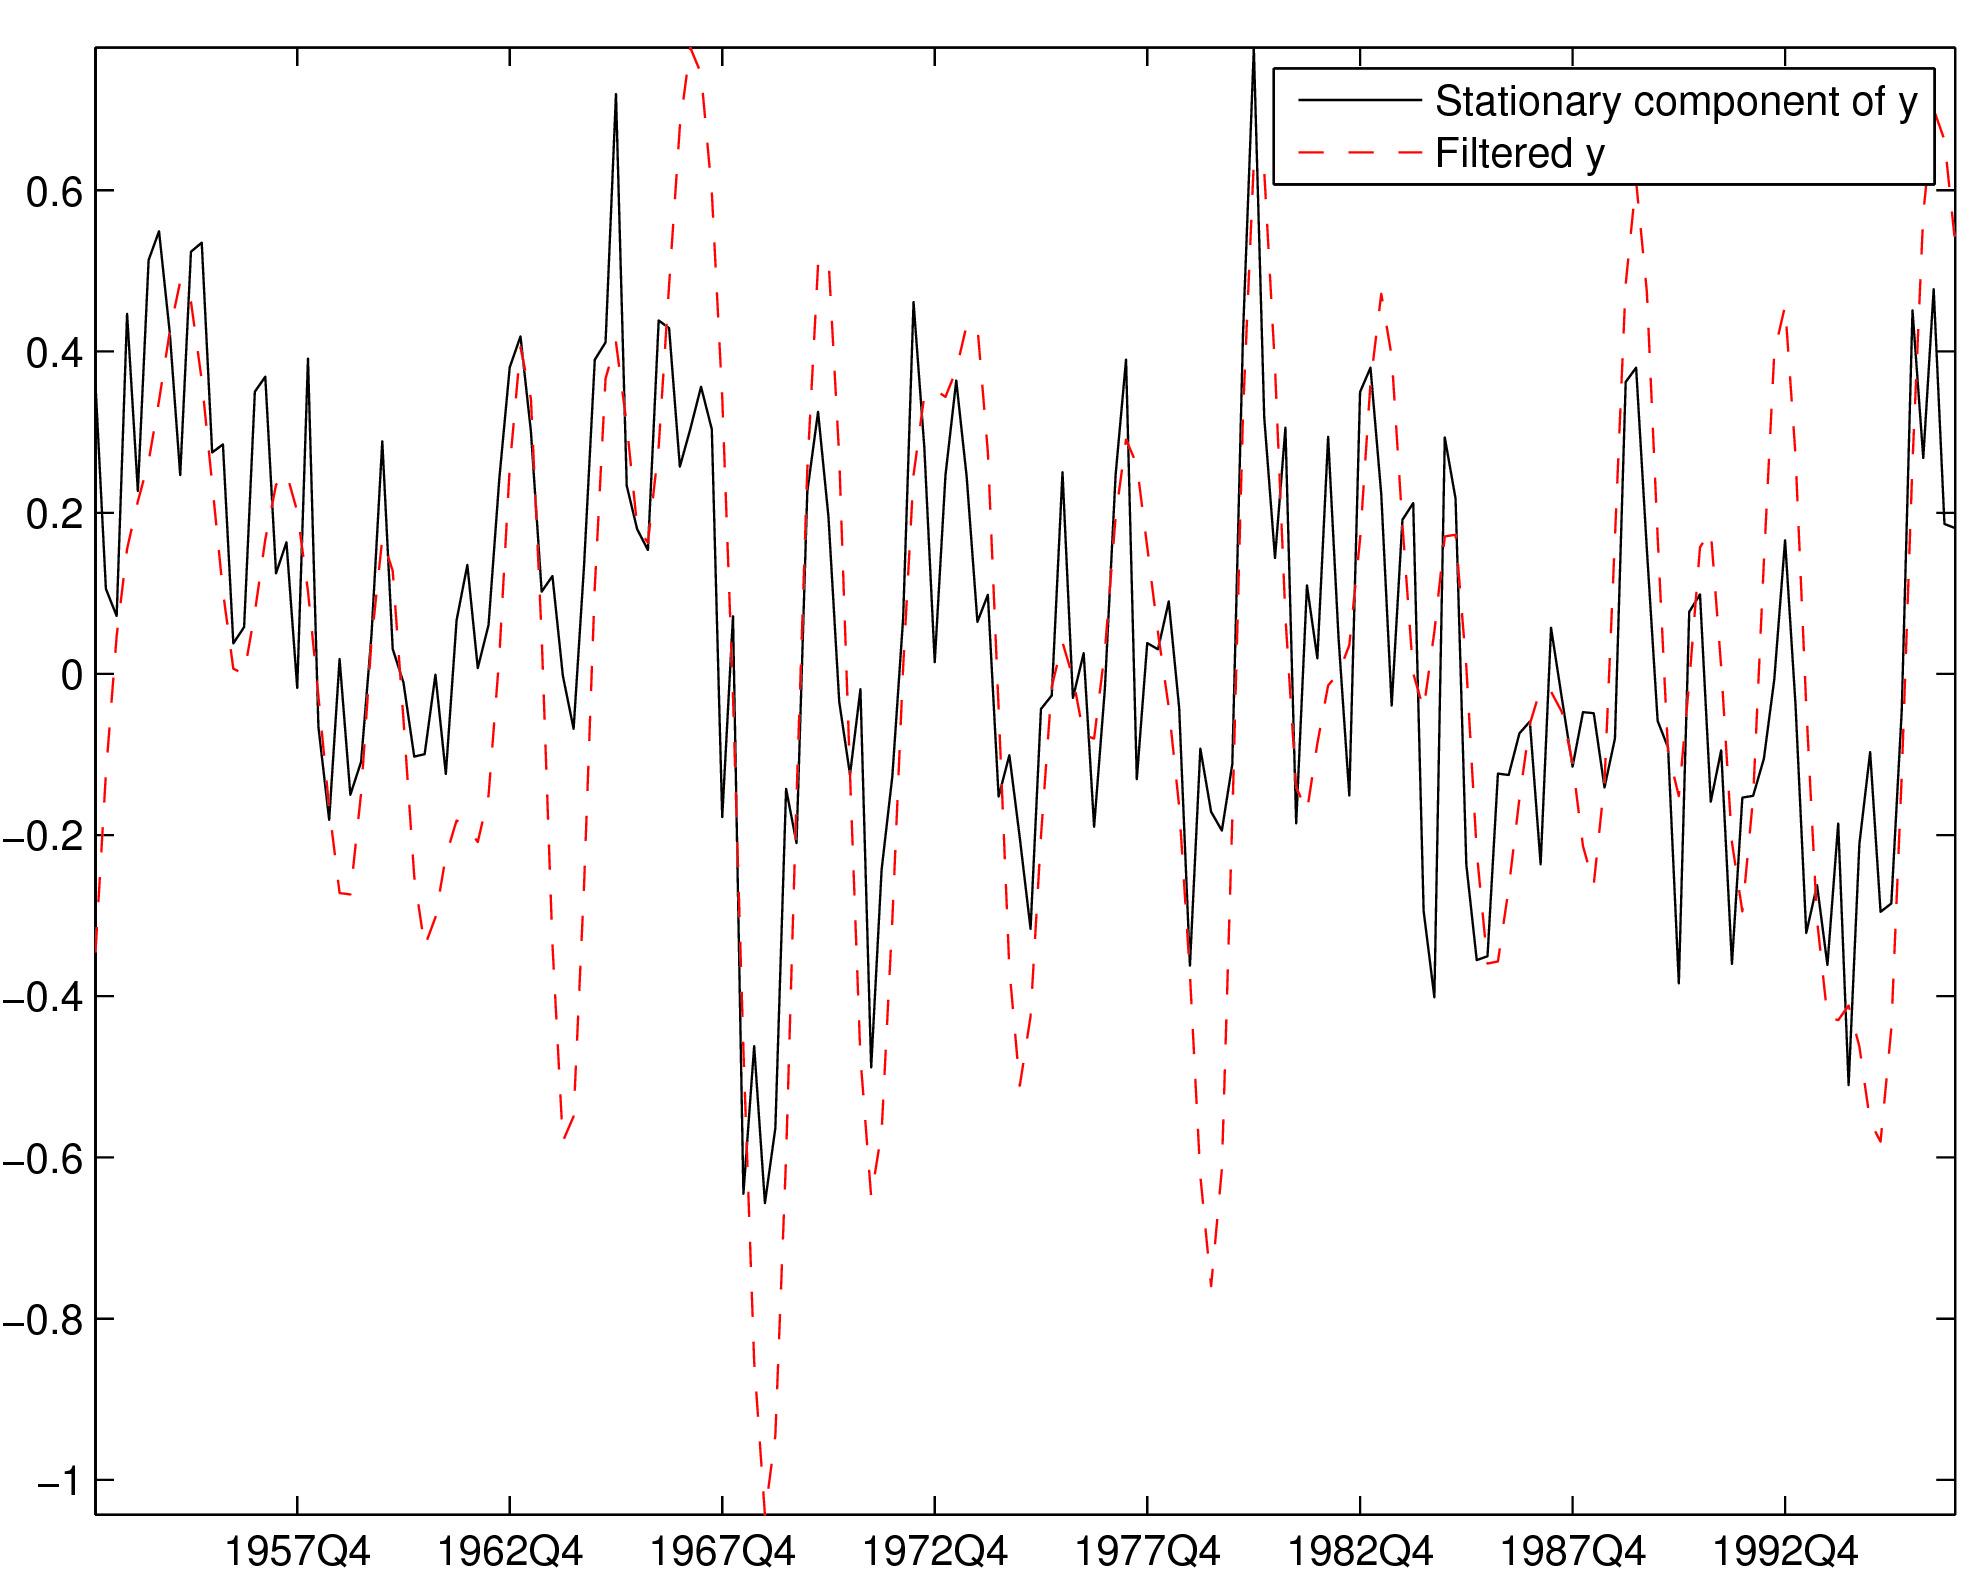 doc/dynare.plots/BaxterKingFilter.jpg